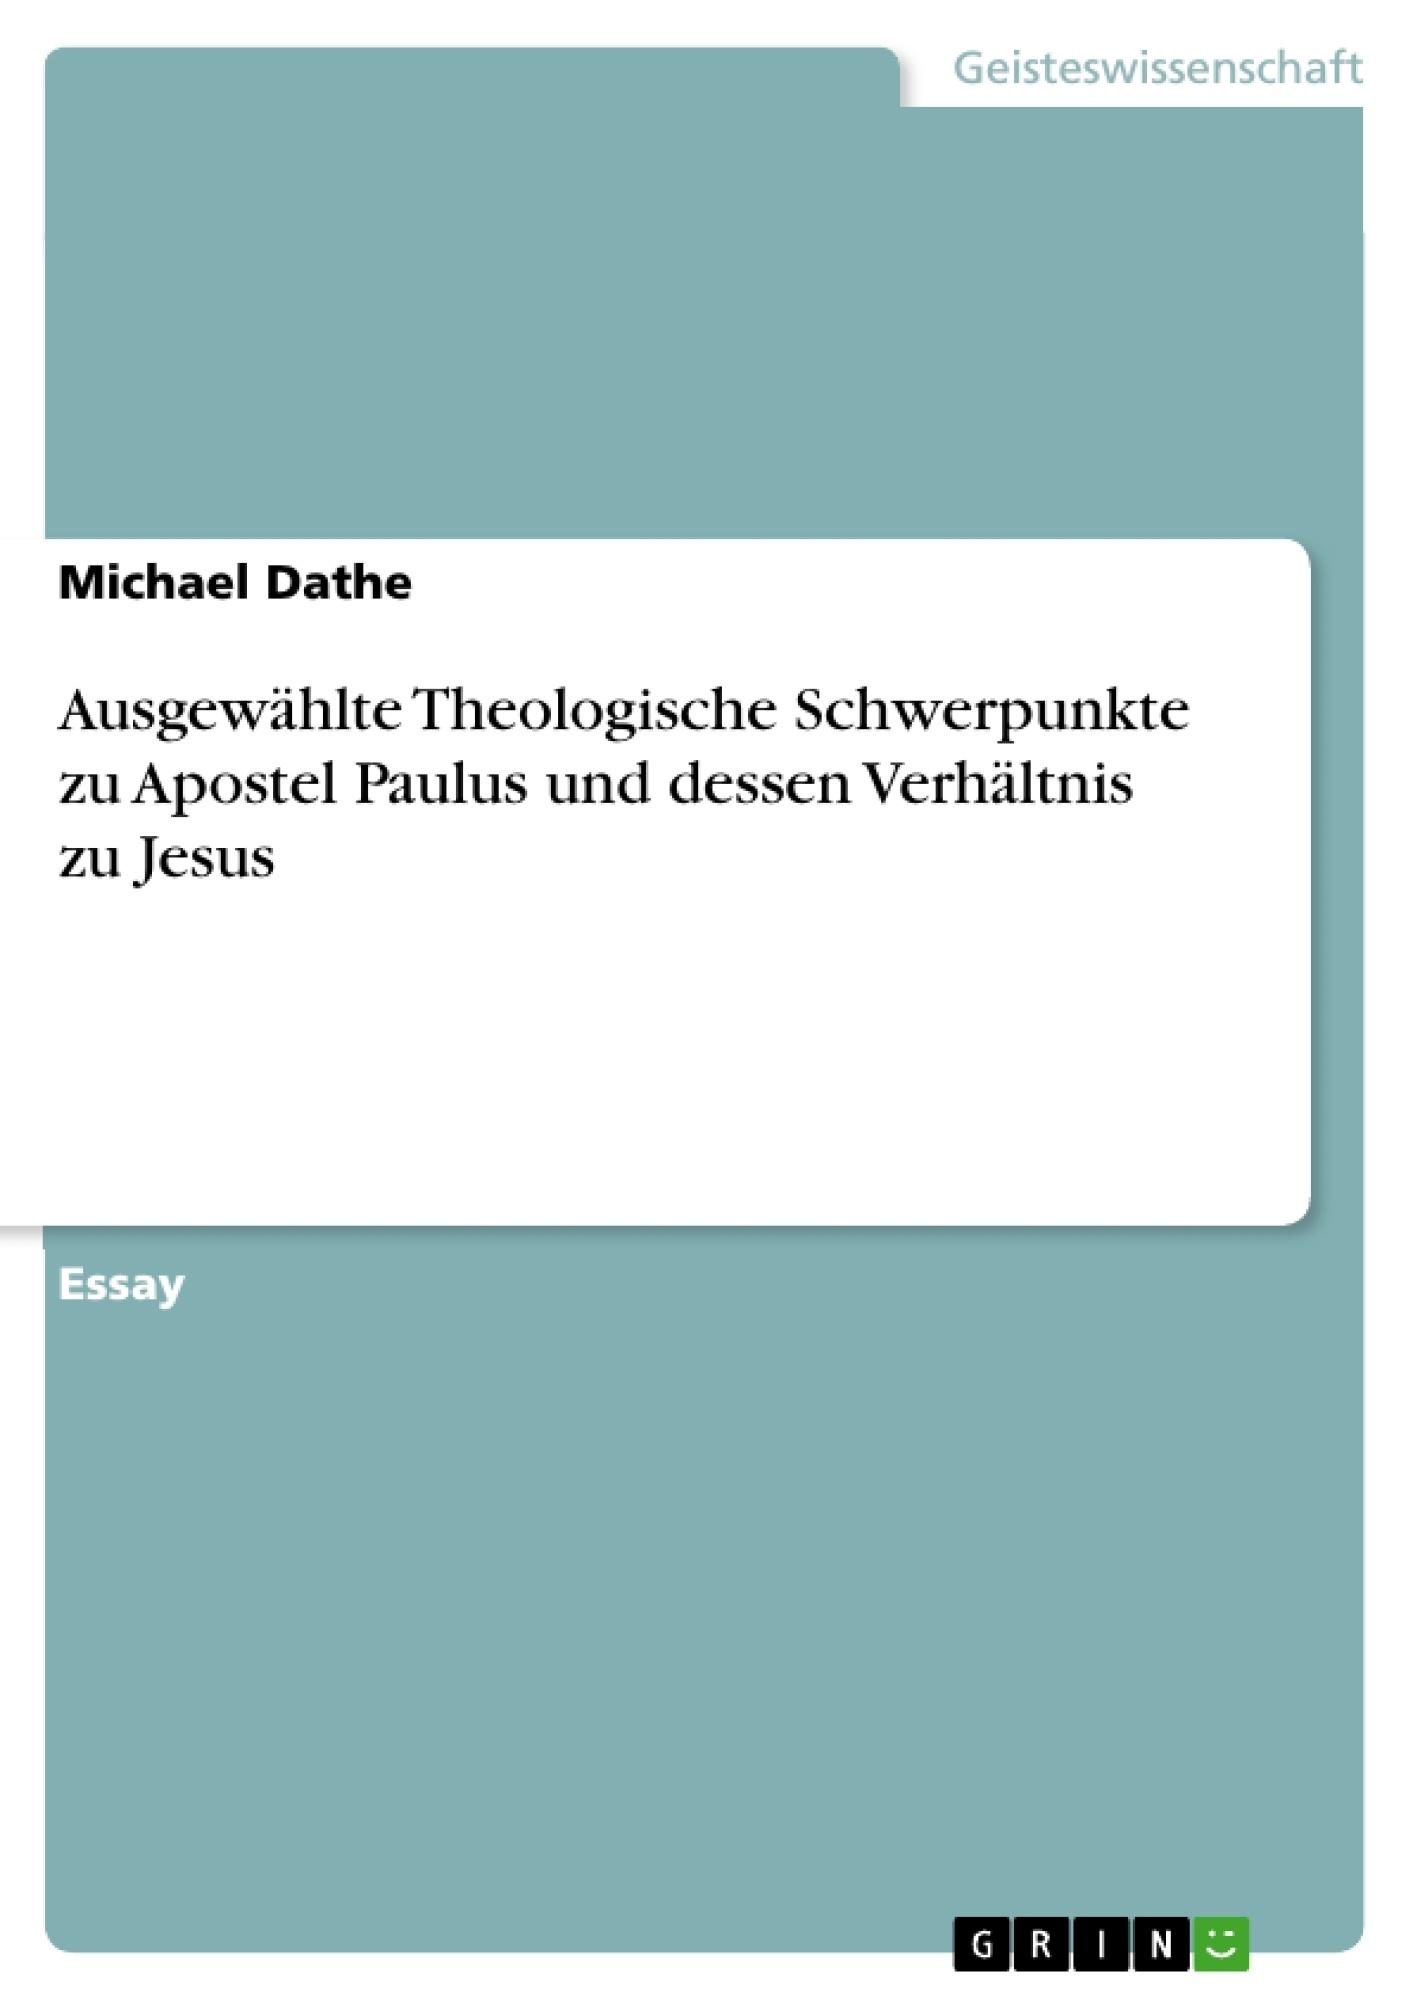 Titel: Ausgewählte Theologische Schwerpunkte zu Apostel Paulus und dessen Verhältnis zu Jesus